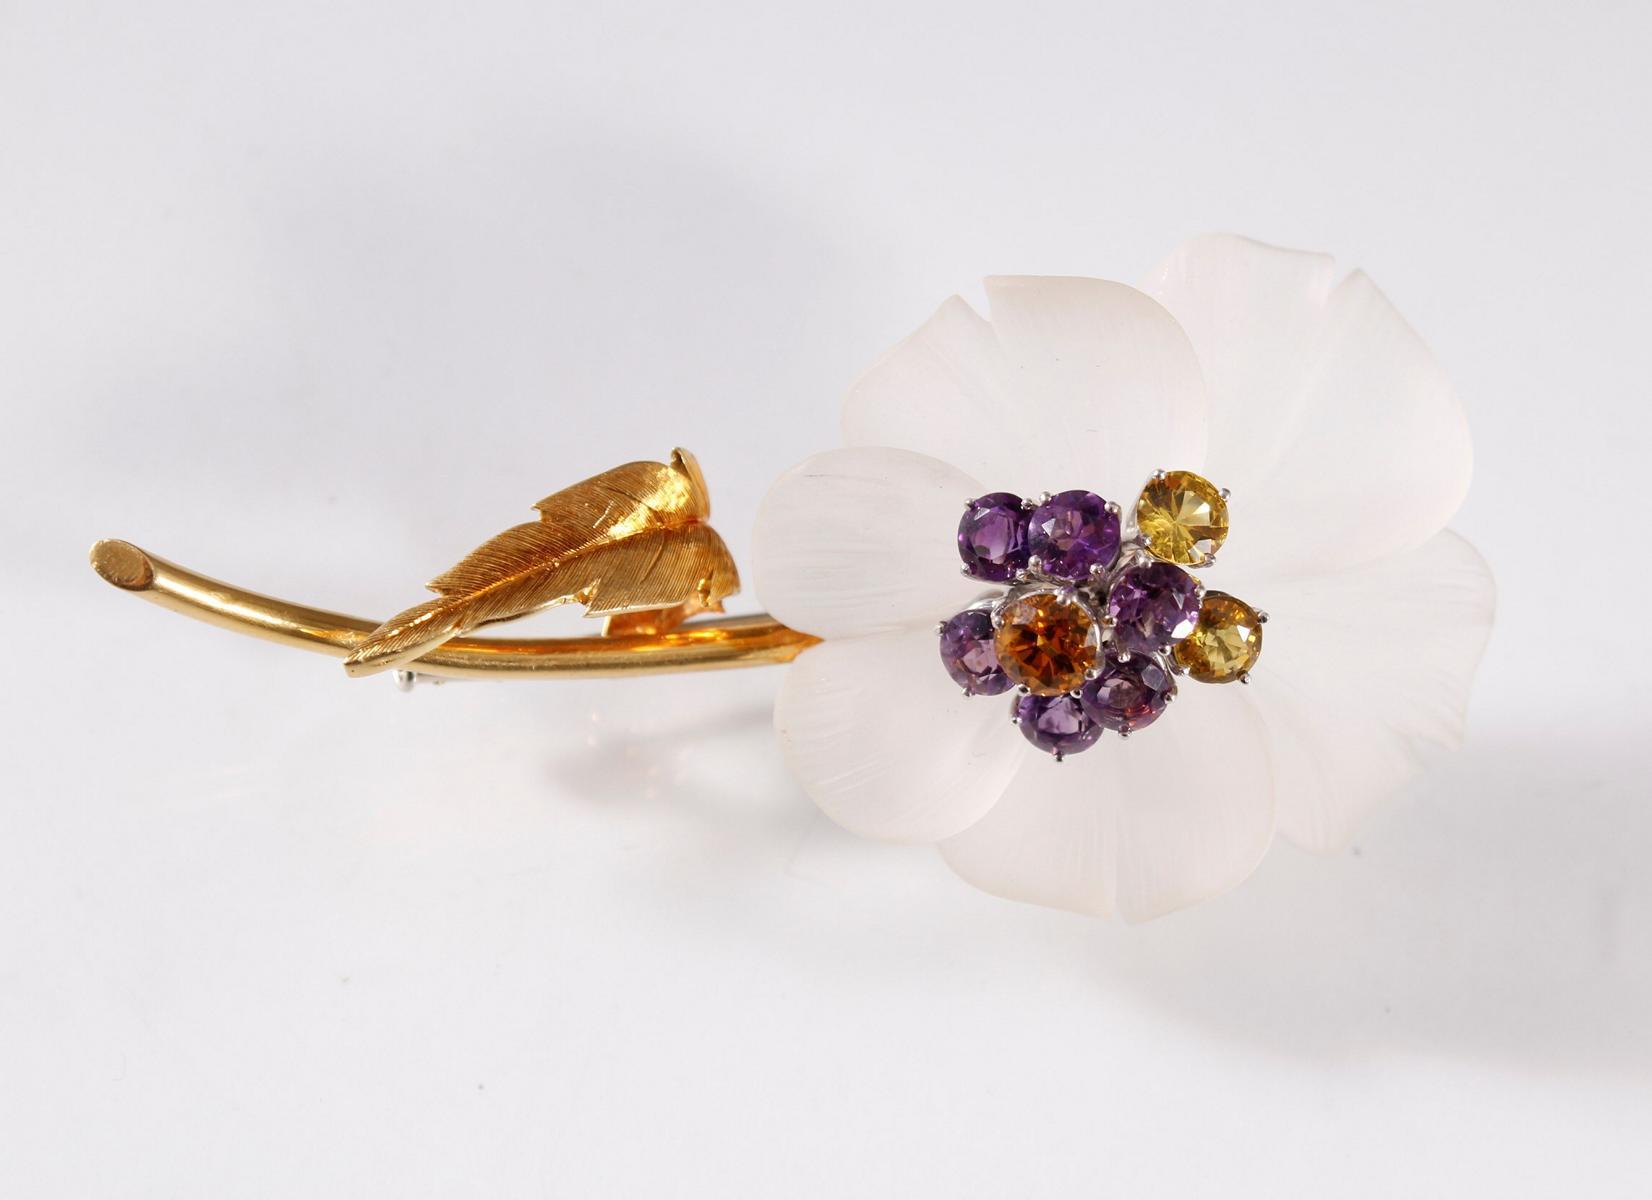 Brosche in Blütenform aus Kristall und facettierten Edelsteinen, Fassung aus 18 Karat Gelbgold